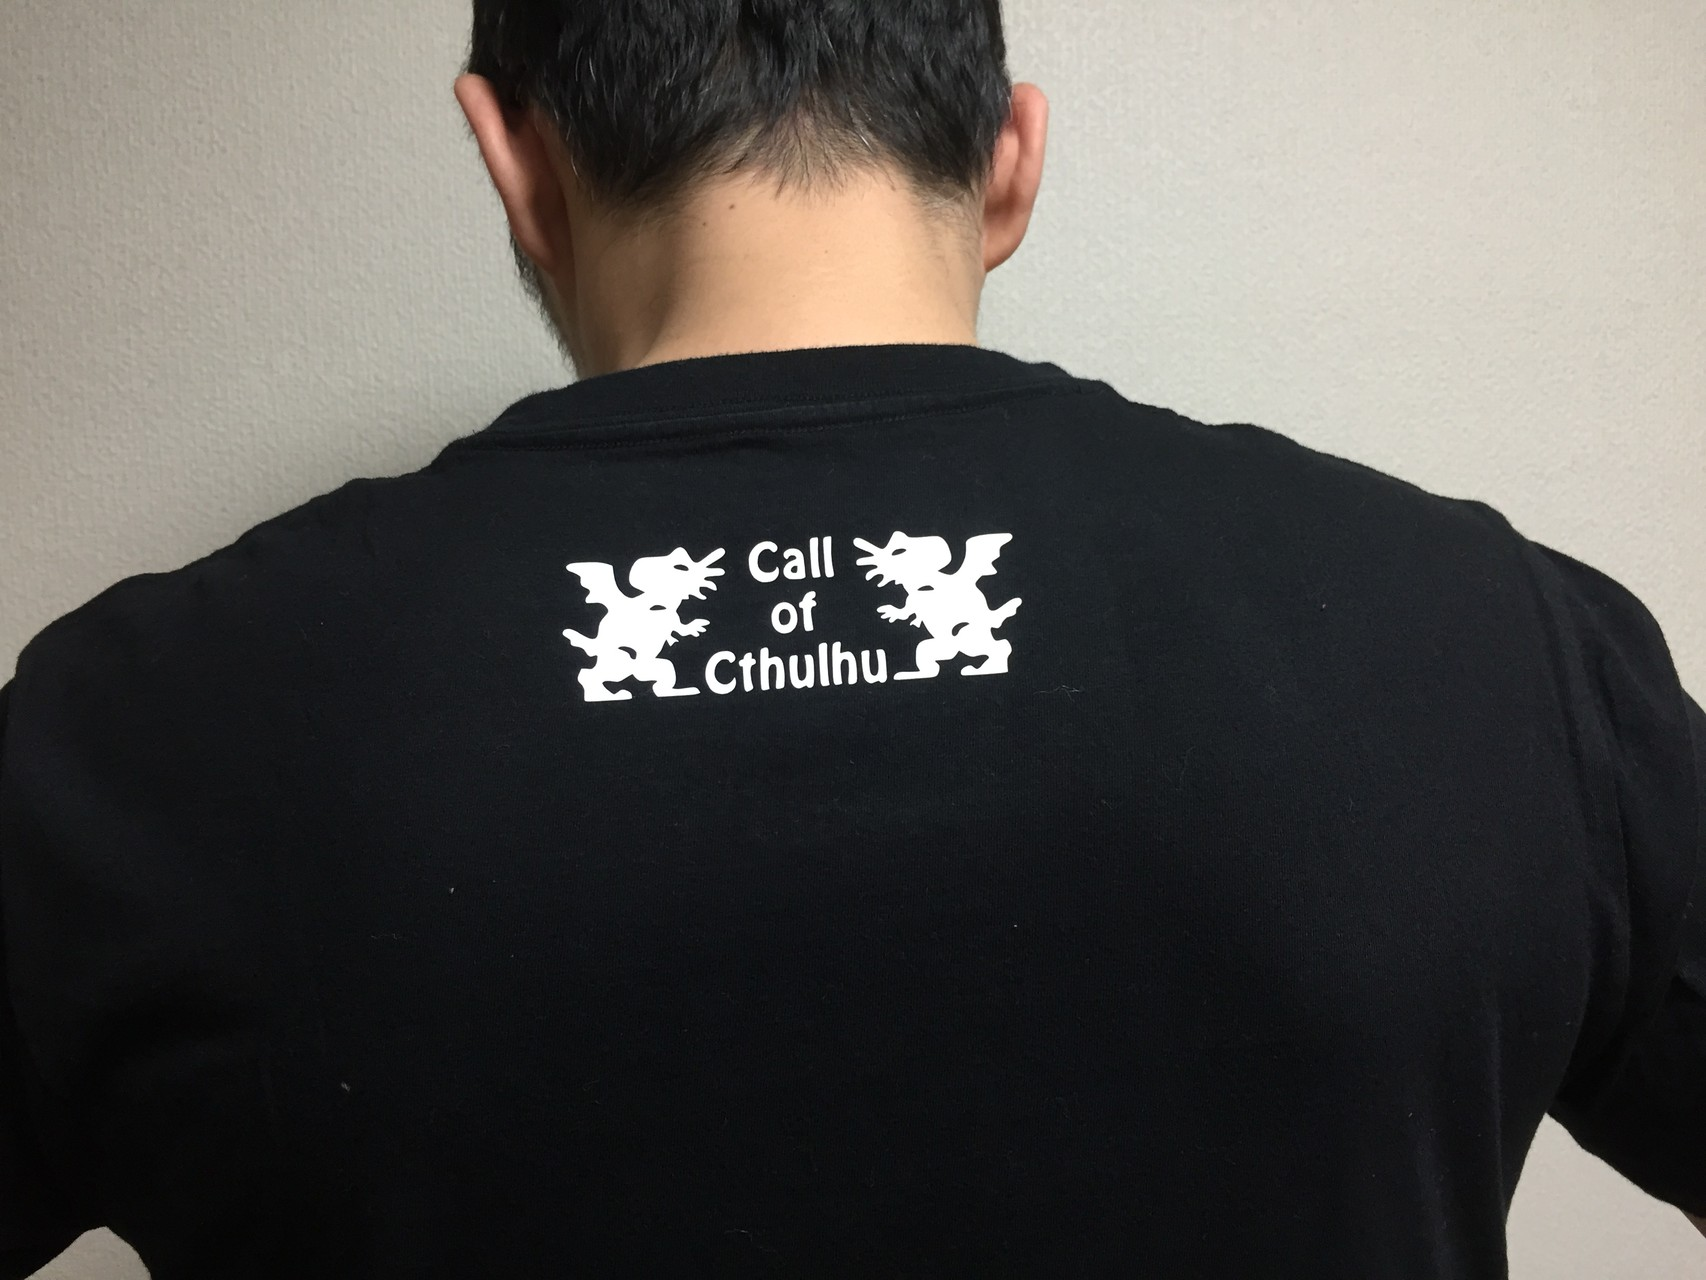 プリント/オリジナルデザインTシャツ・Creator/織田隆治